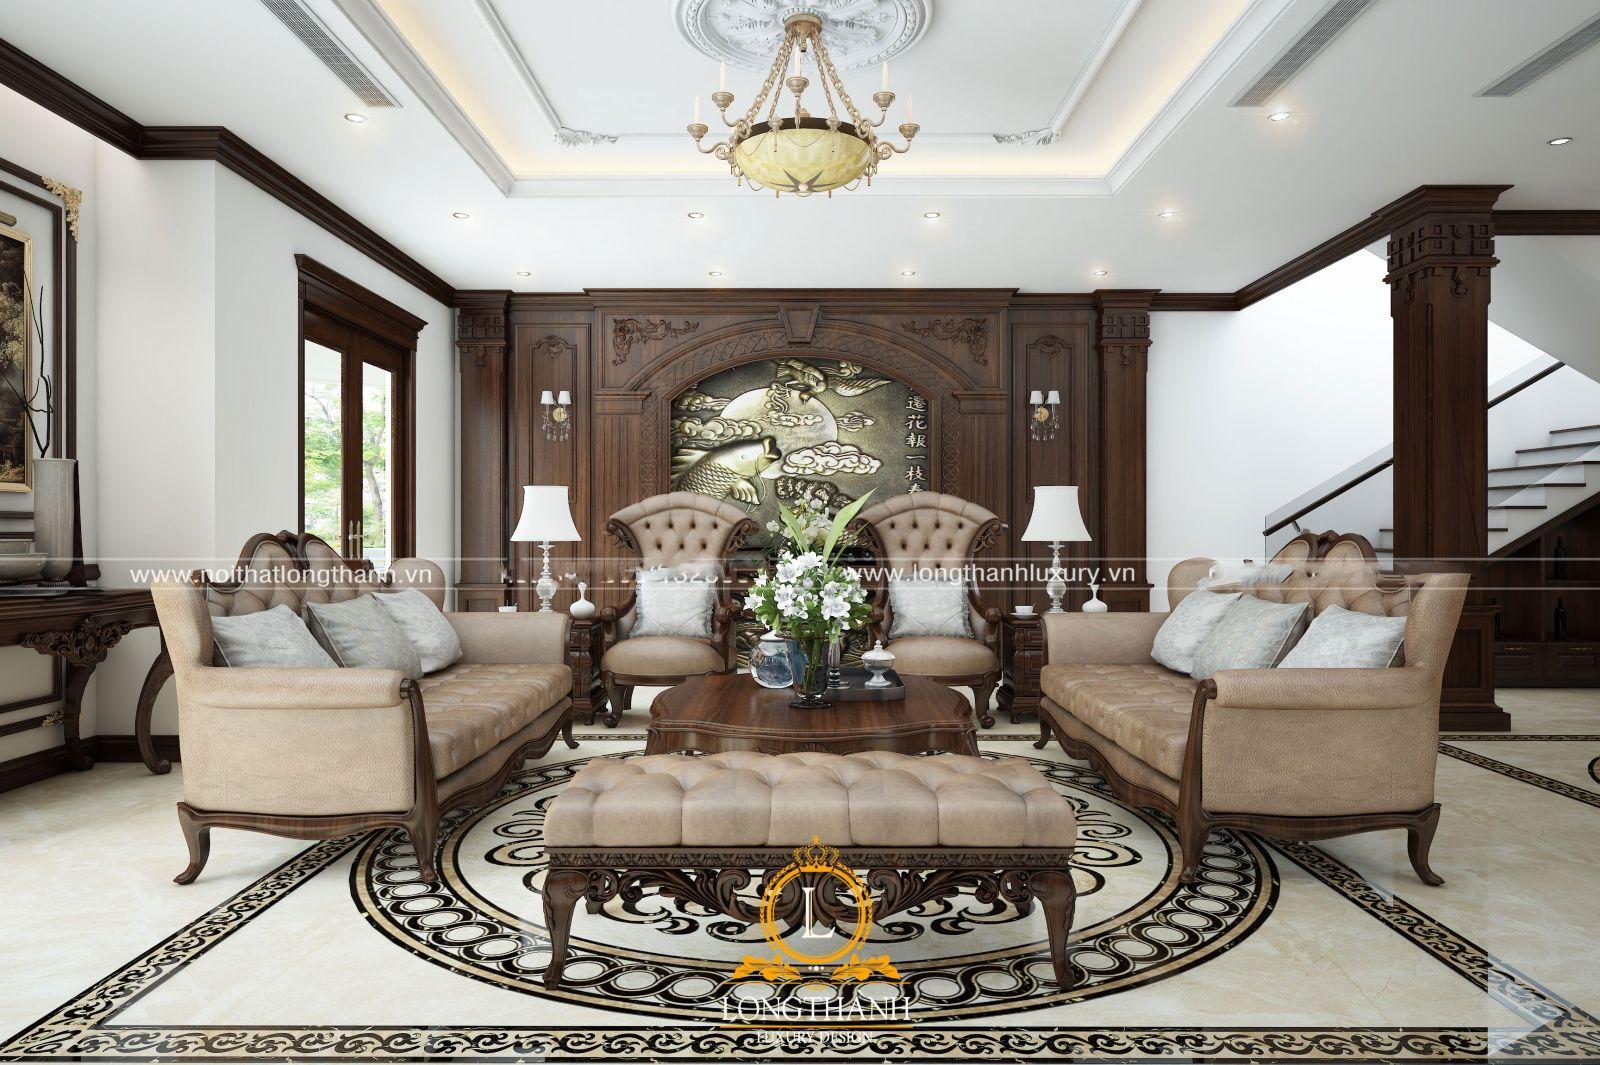 Gối tựa sofa phong cách tân cổ điển